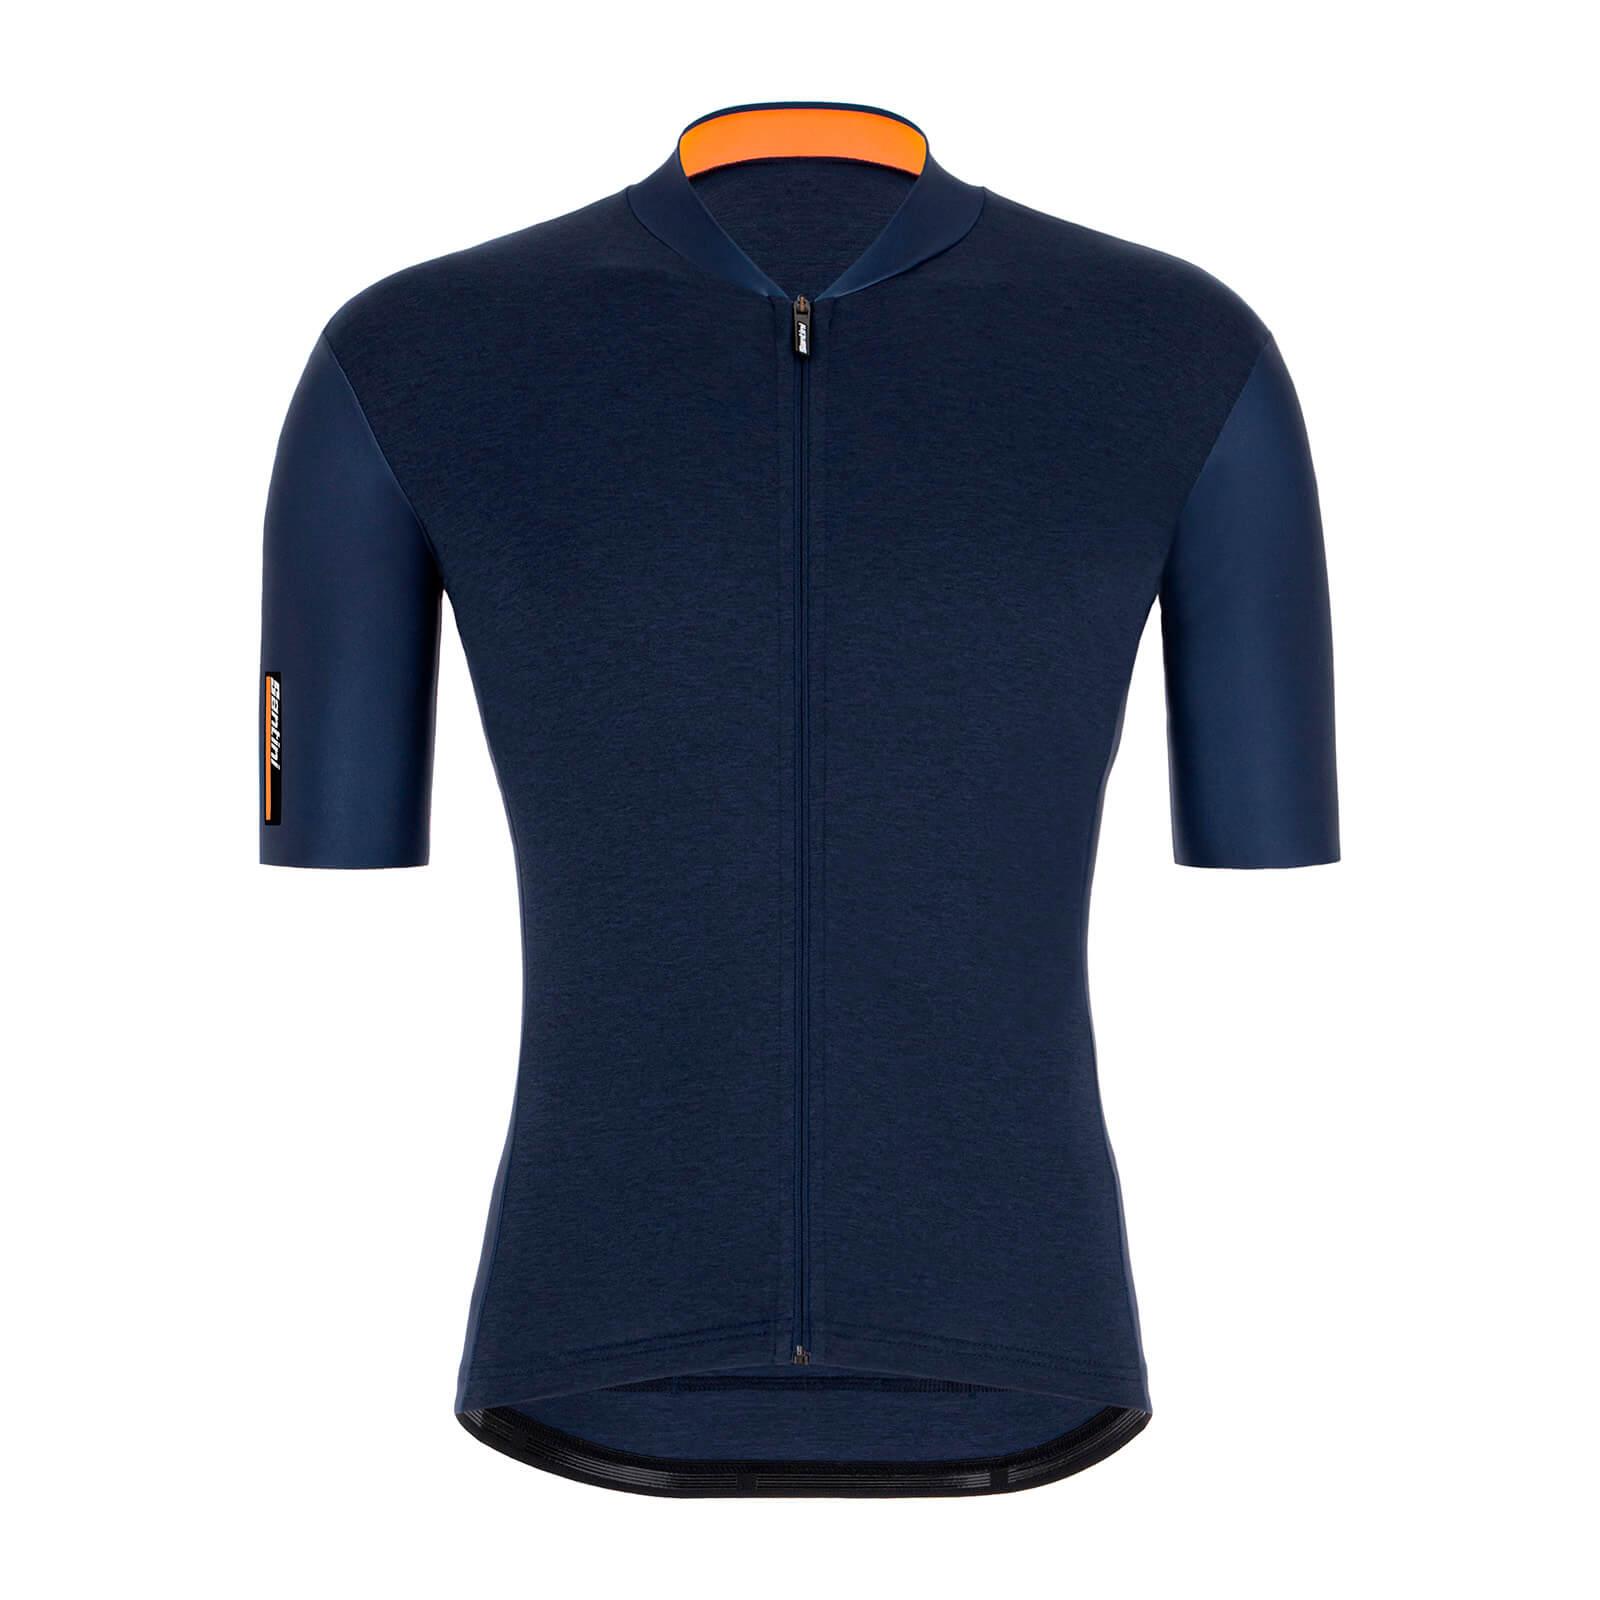 Santini Colore Jersey - M - Nautica Blue